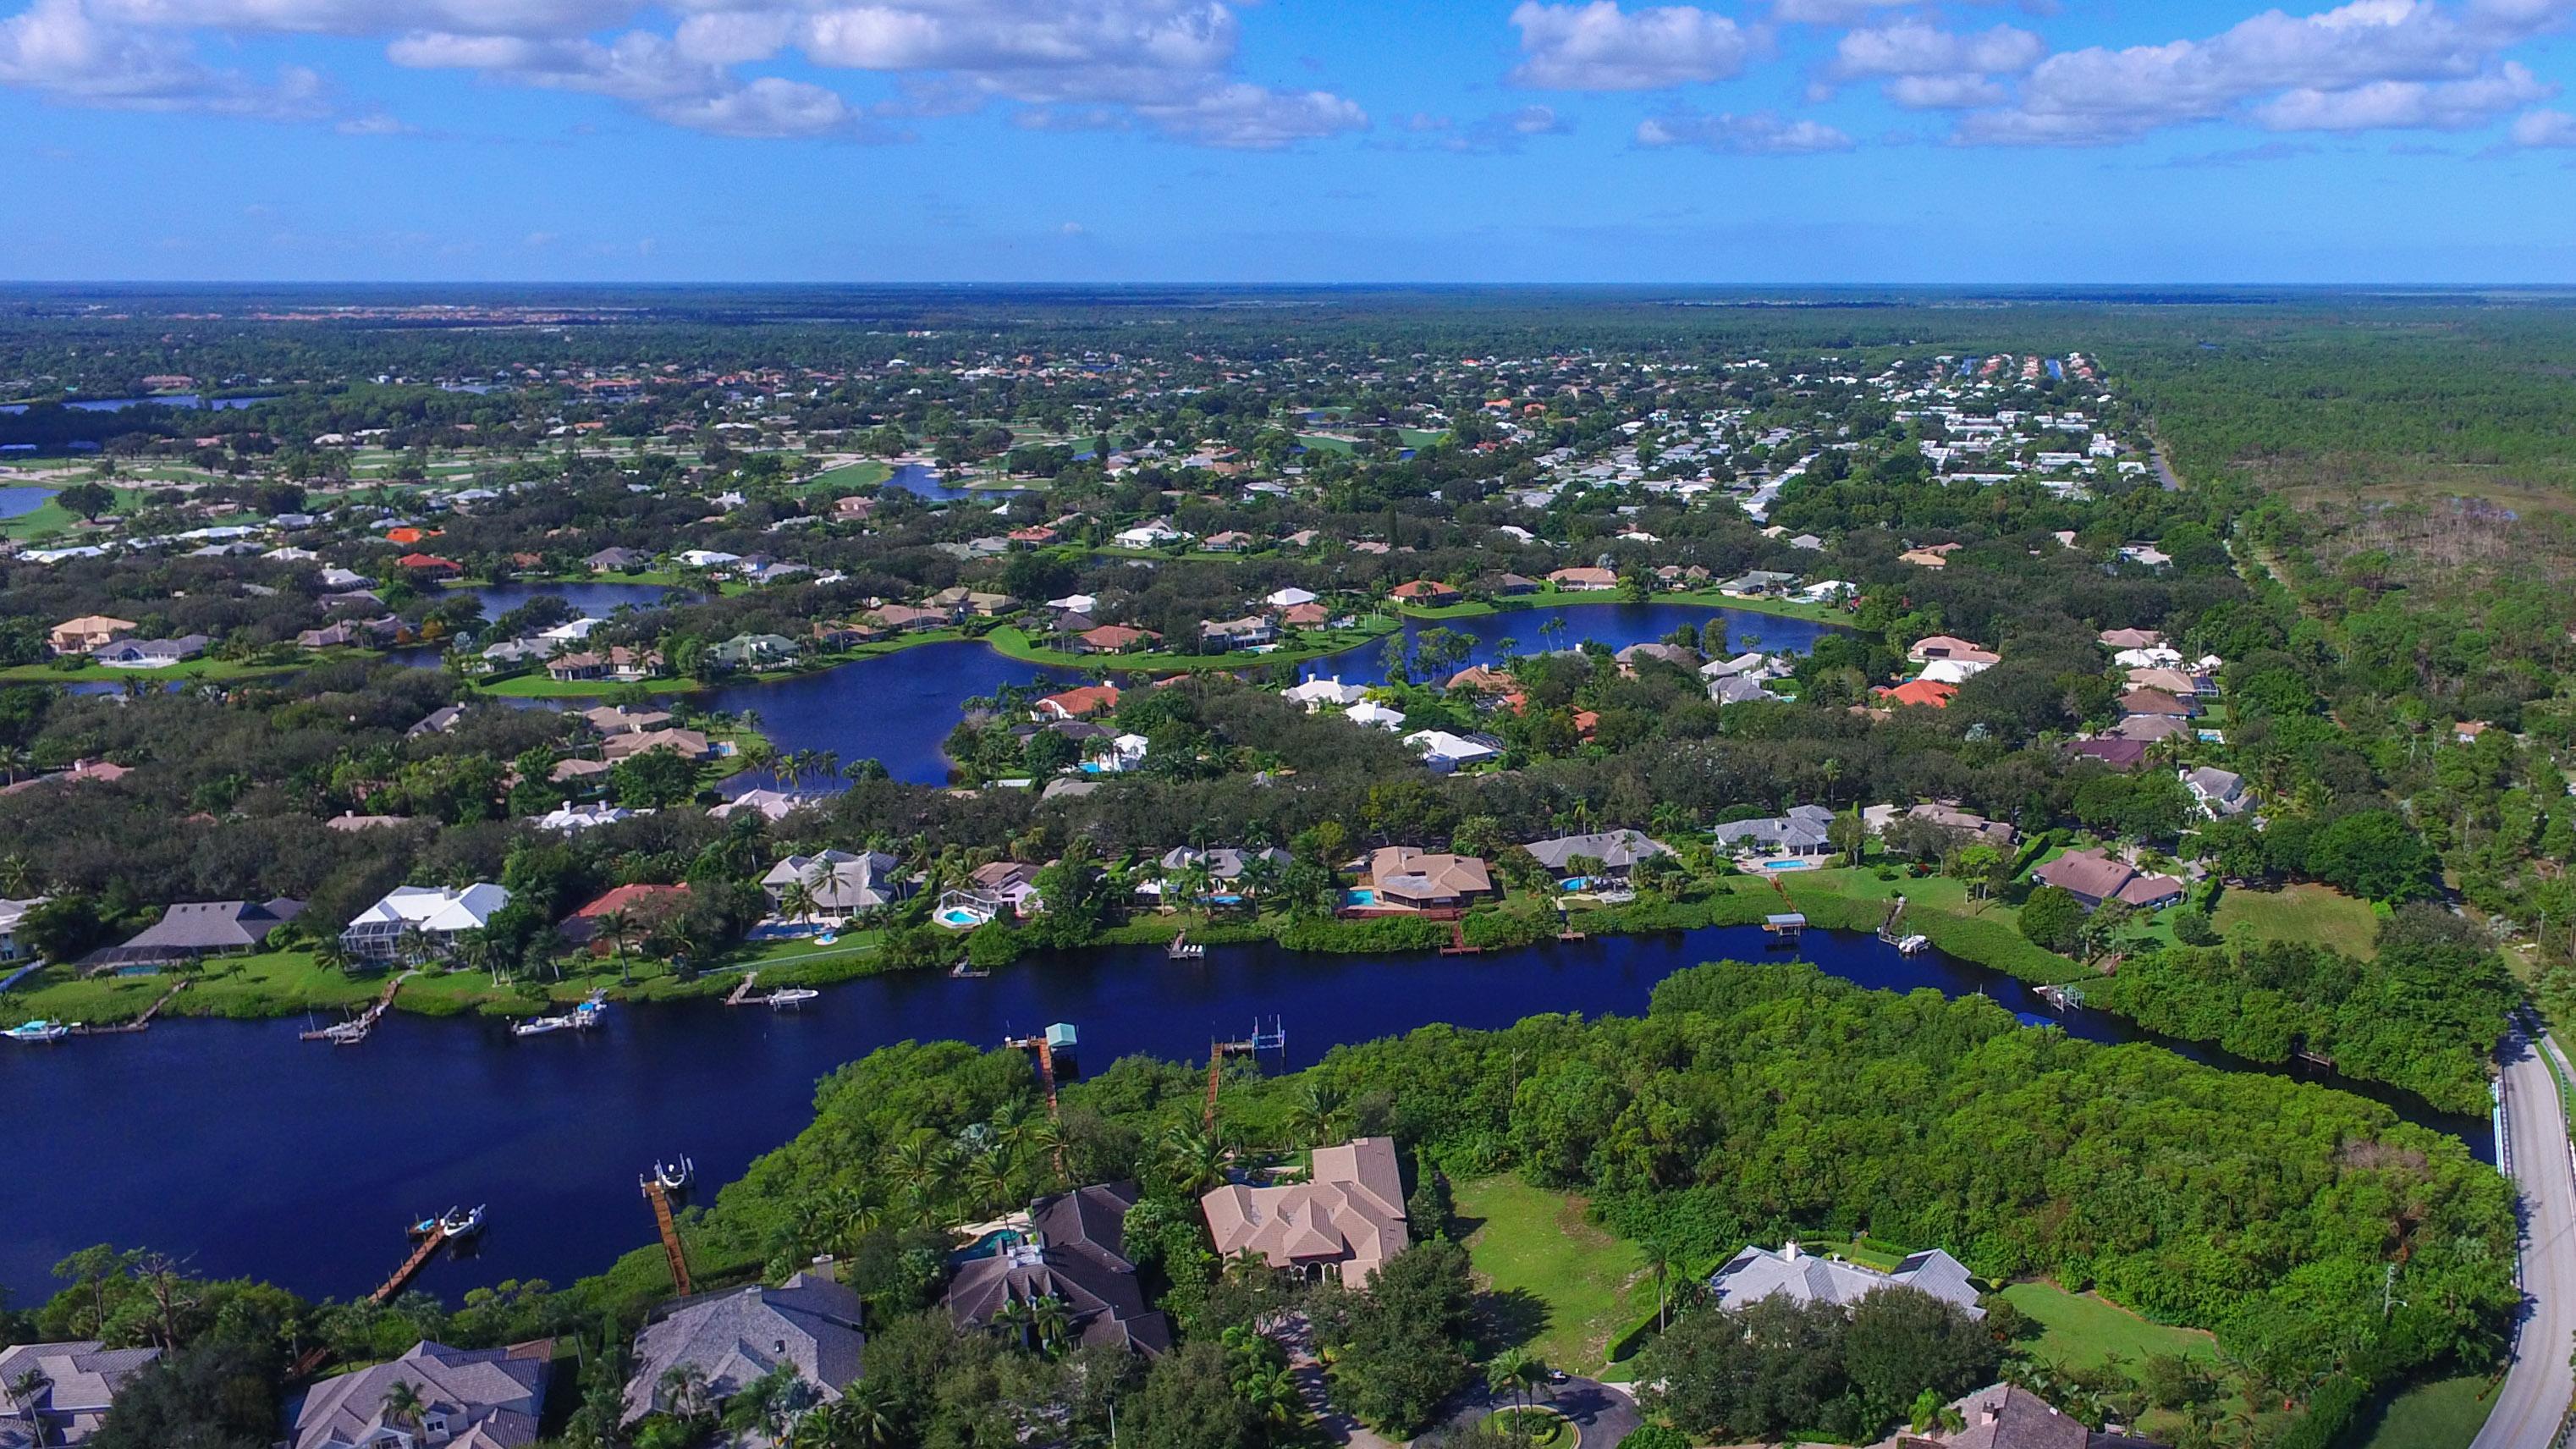 独户住宅 为 销售 在 18444 SE Heritage Drive 德贵斯塔, 佛罗里达州, 33469 美国